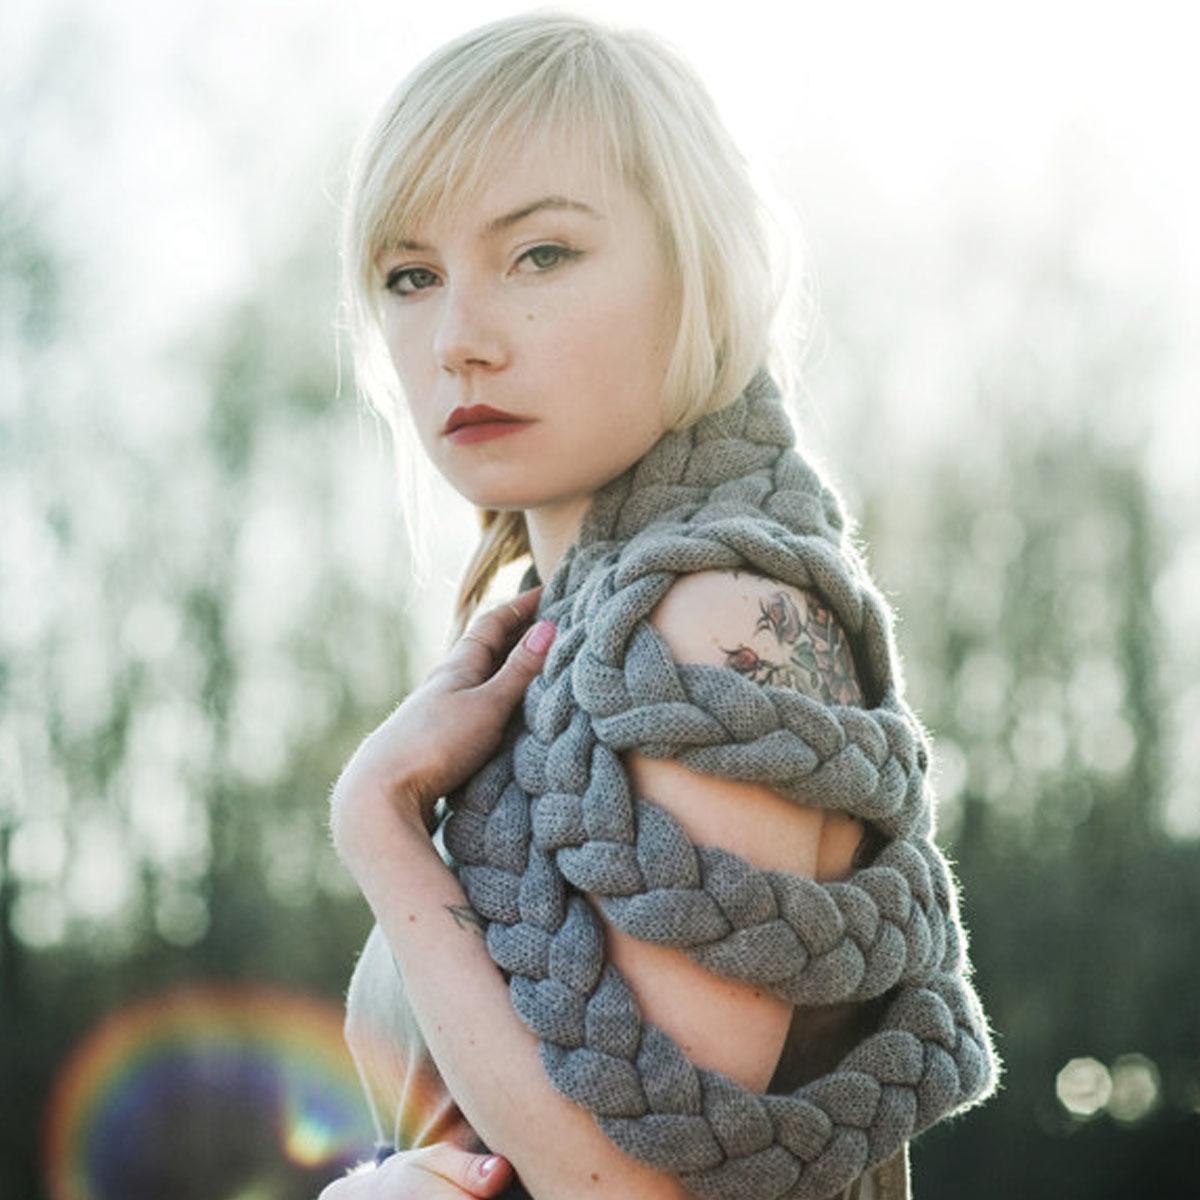 celapiu|Grey  Braided Shrug | グレー - 編み目のドレープが個性的なシュラグ